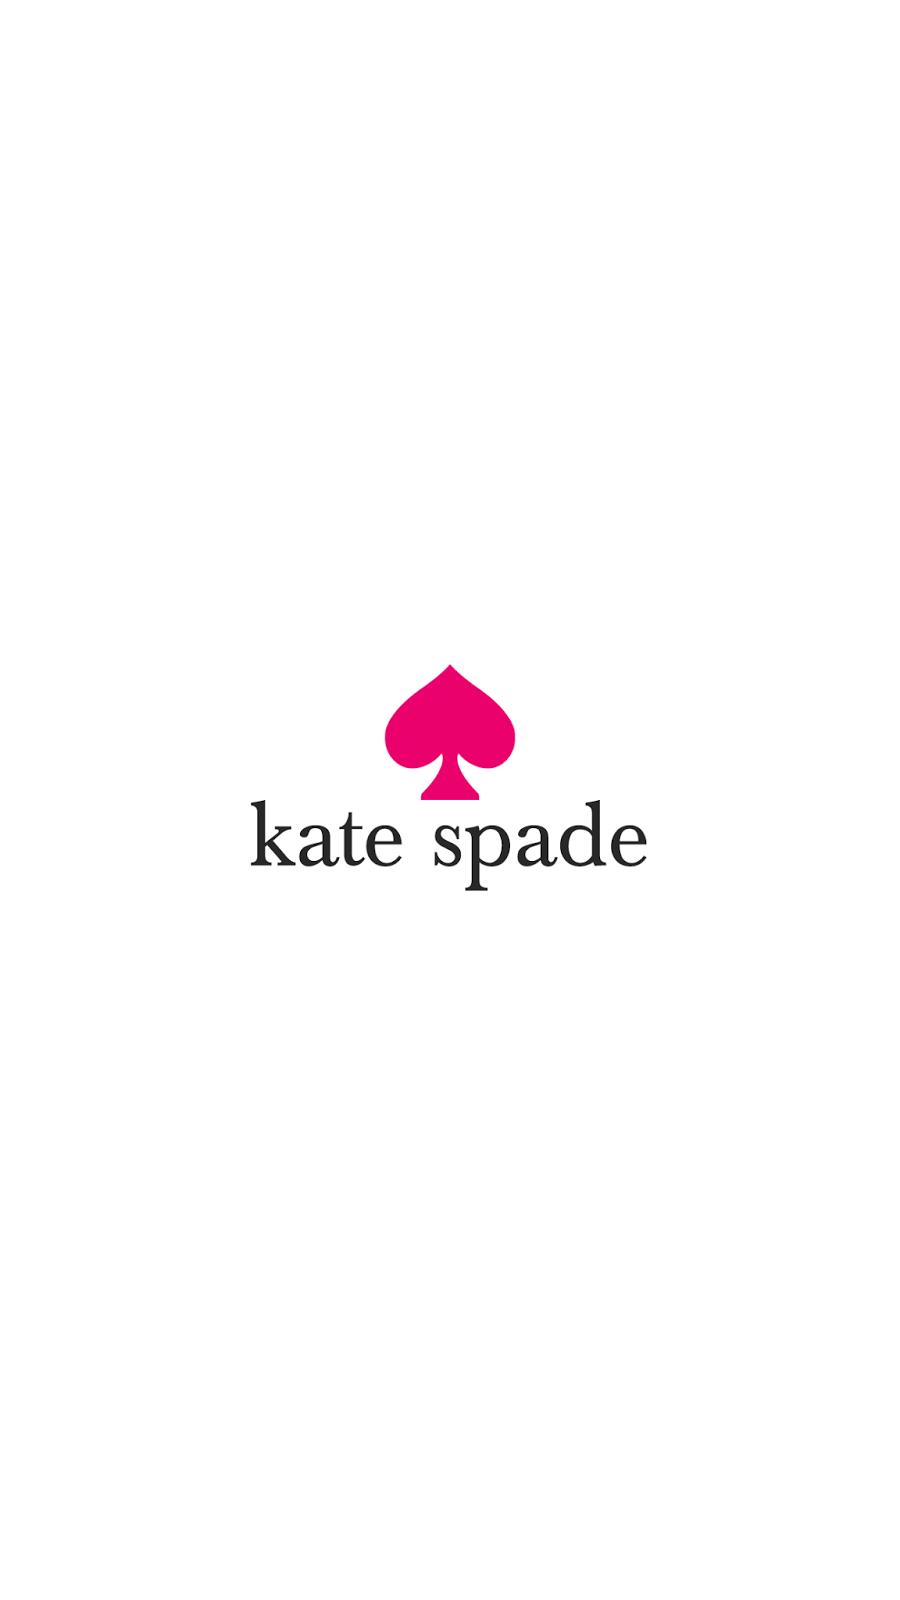 Ks6 Png 900 1 600 Pixels Iphone Wallpaper Kate Spade Kate Spade Wallpaper Kate Spade